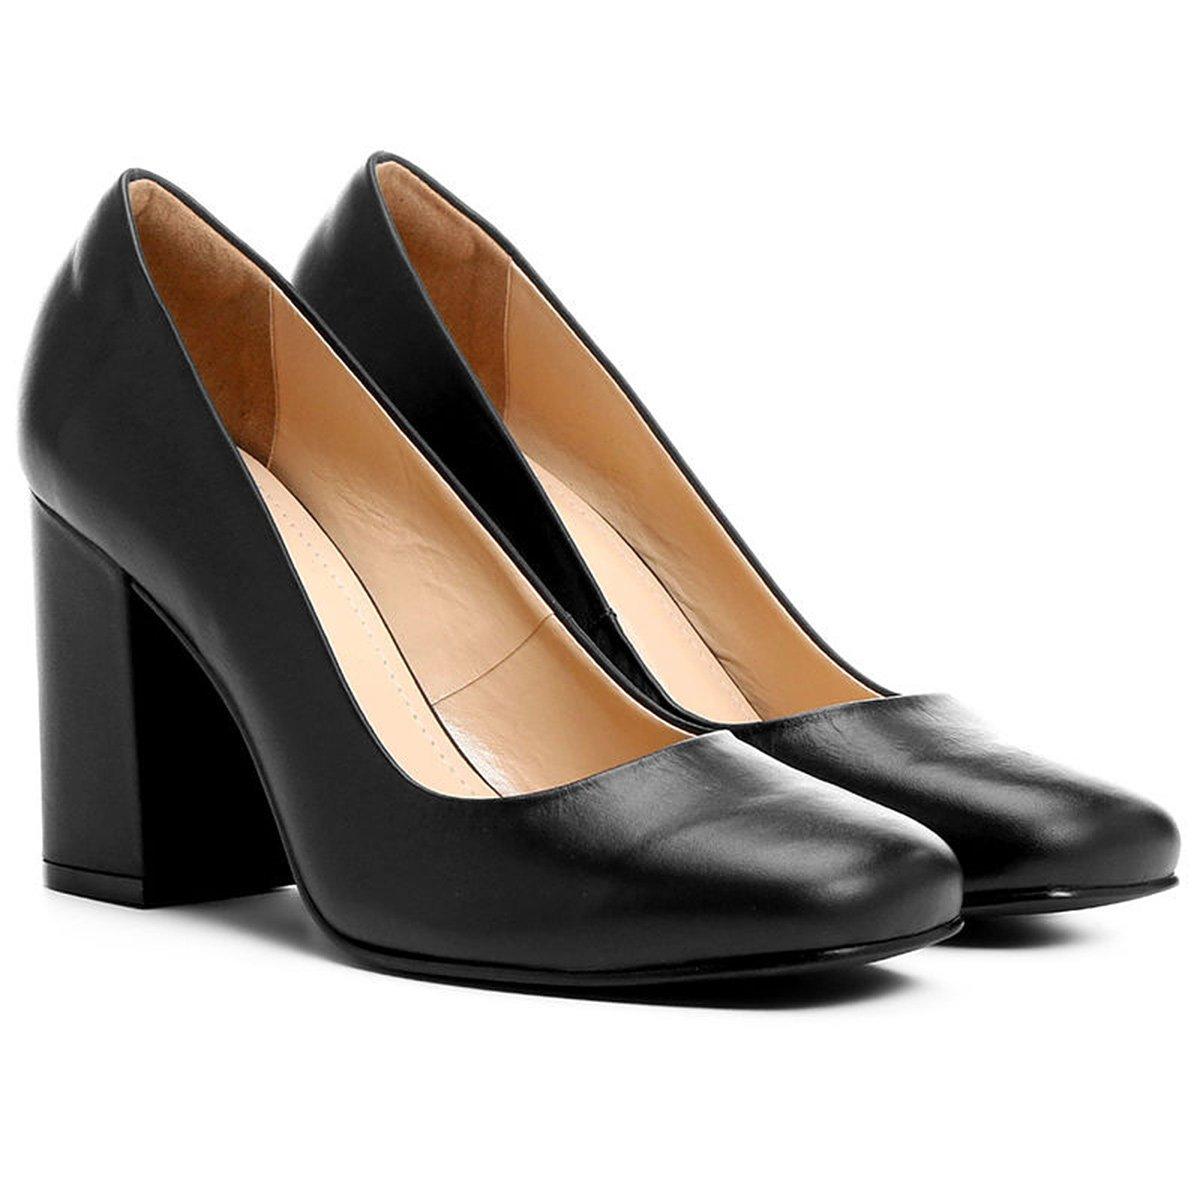 eed780af14 Scarpin Couro Shoestock Salto Alto Grosso - Compre Agora